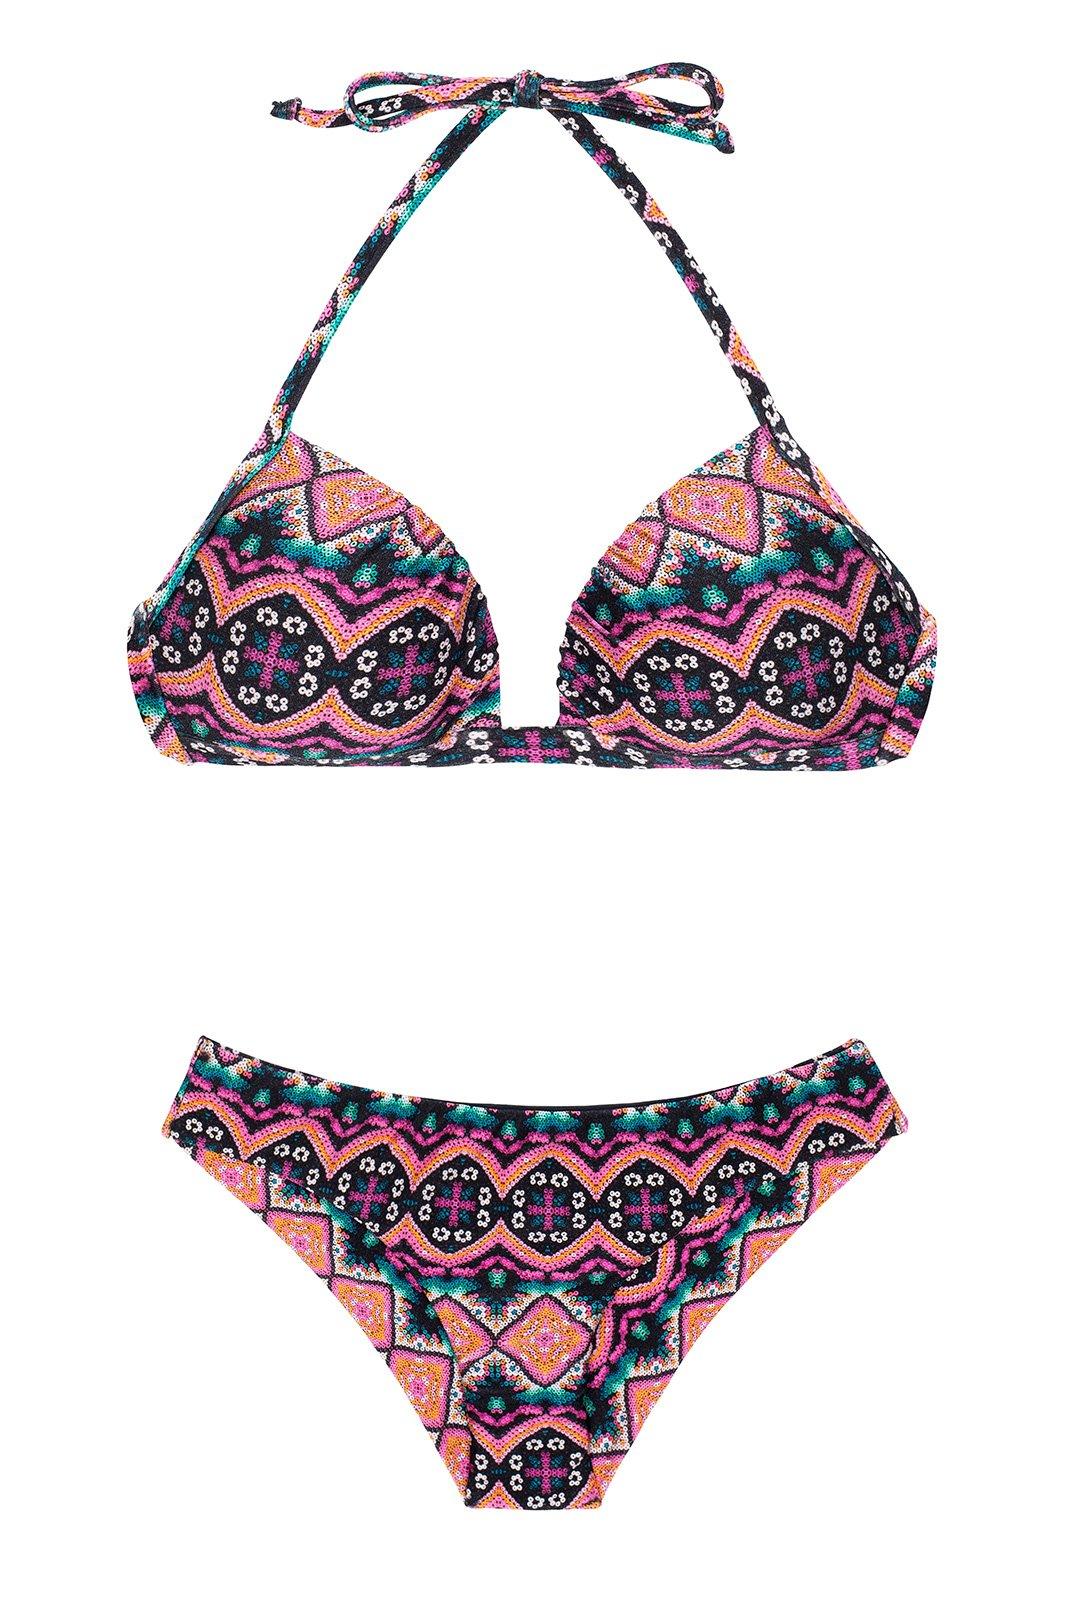 Bikini push up paddé fixe ethnique rose - NEW ETHNIC BORBOLETA 96da0b9a610